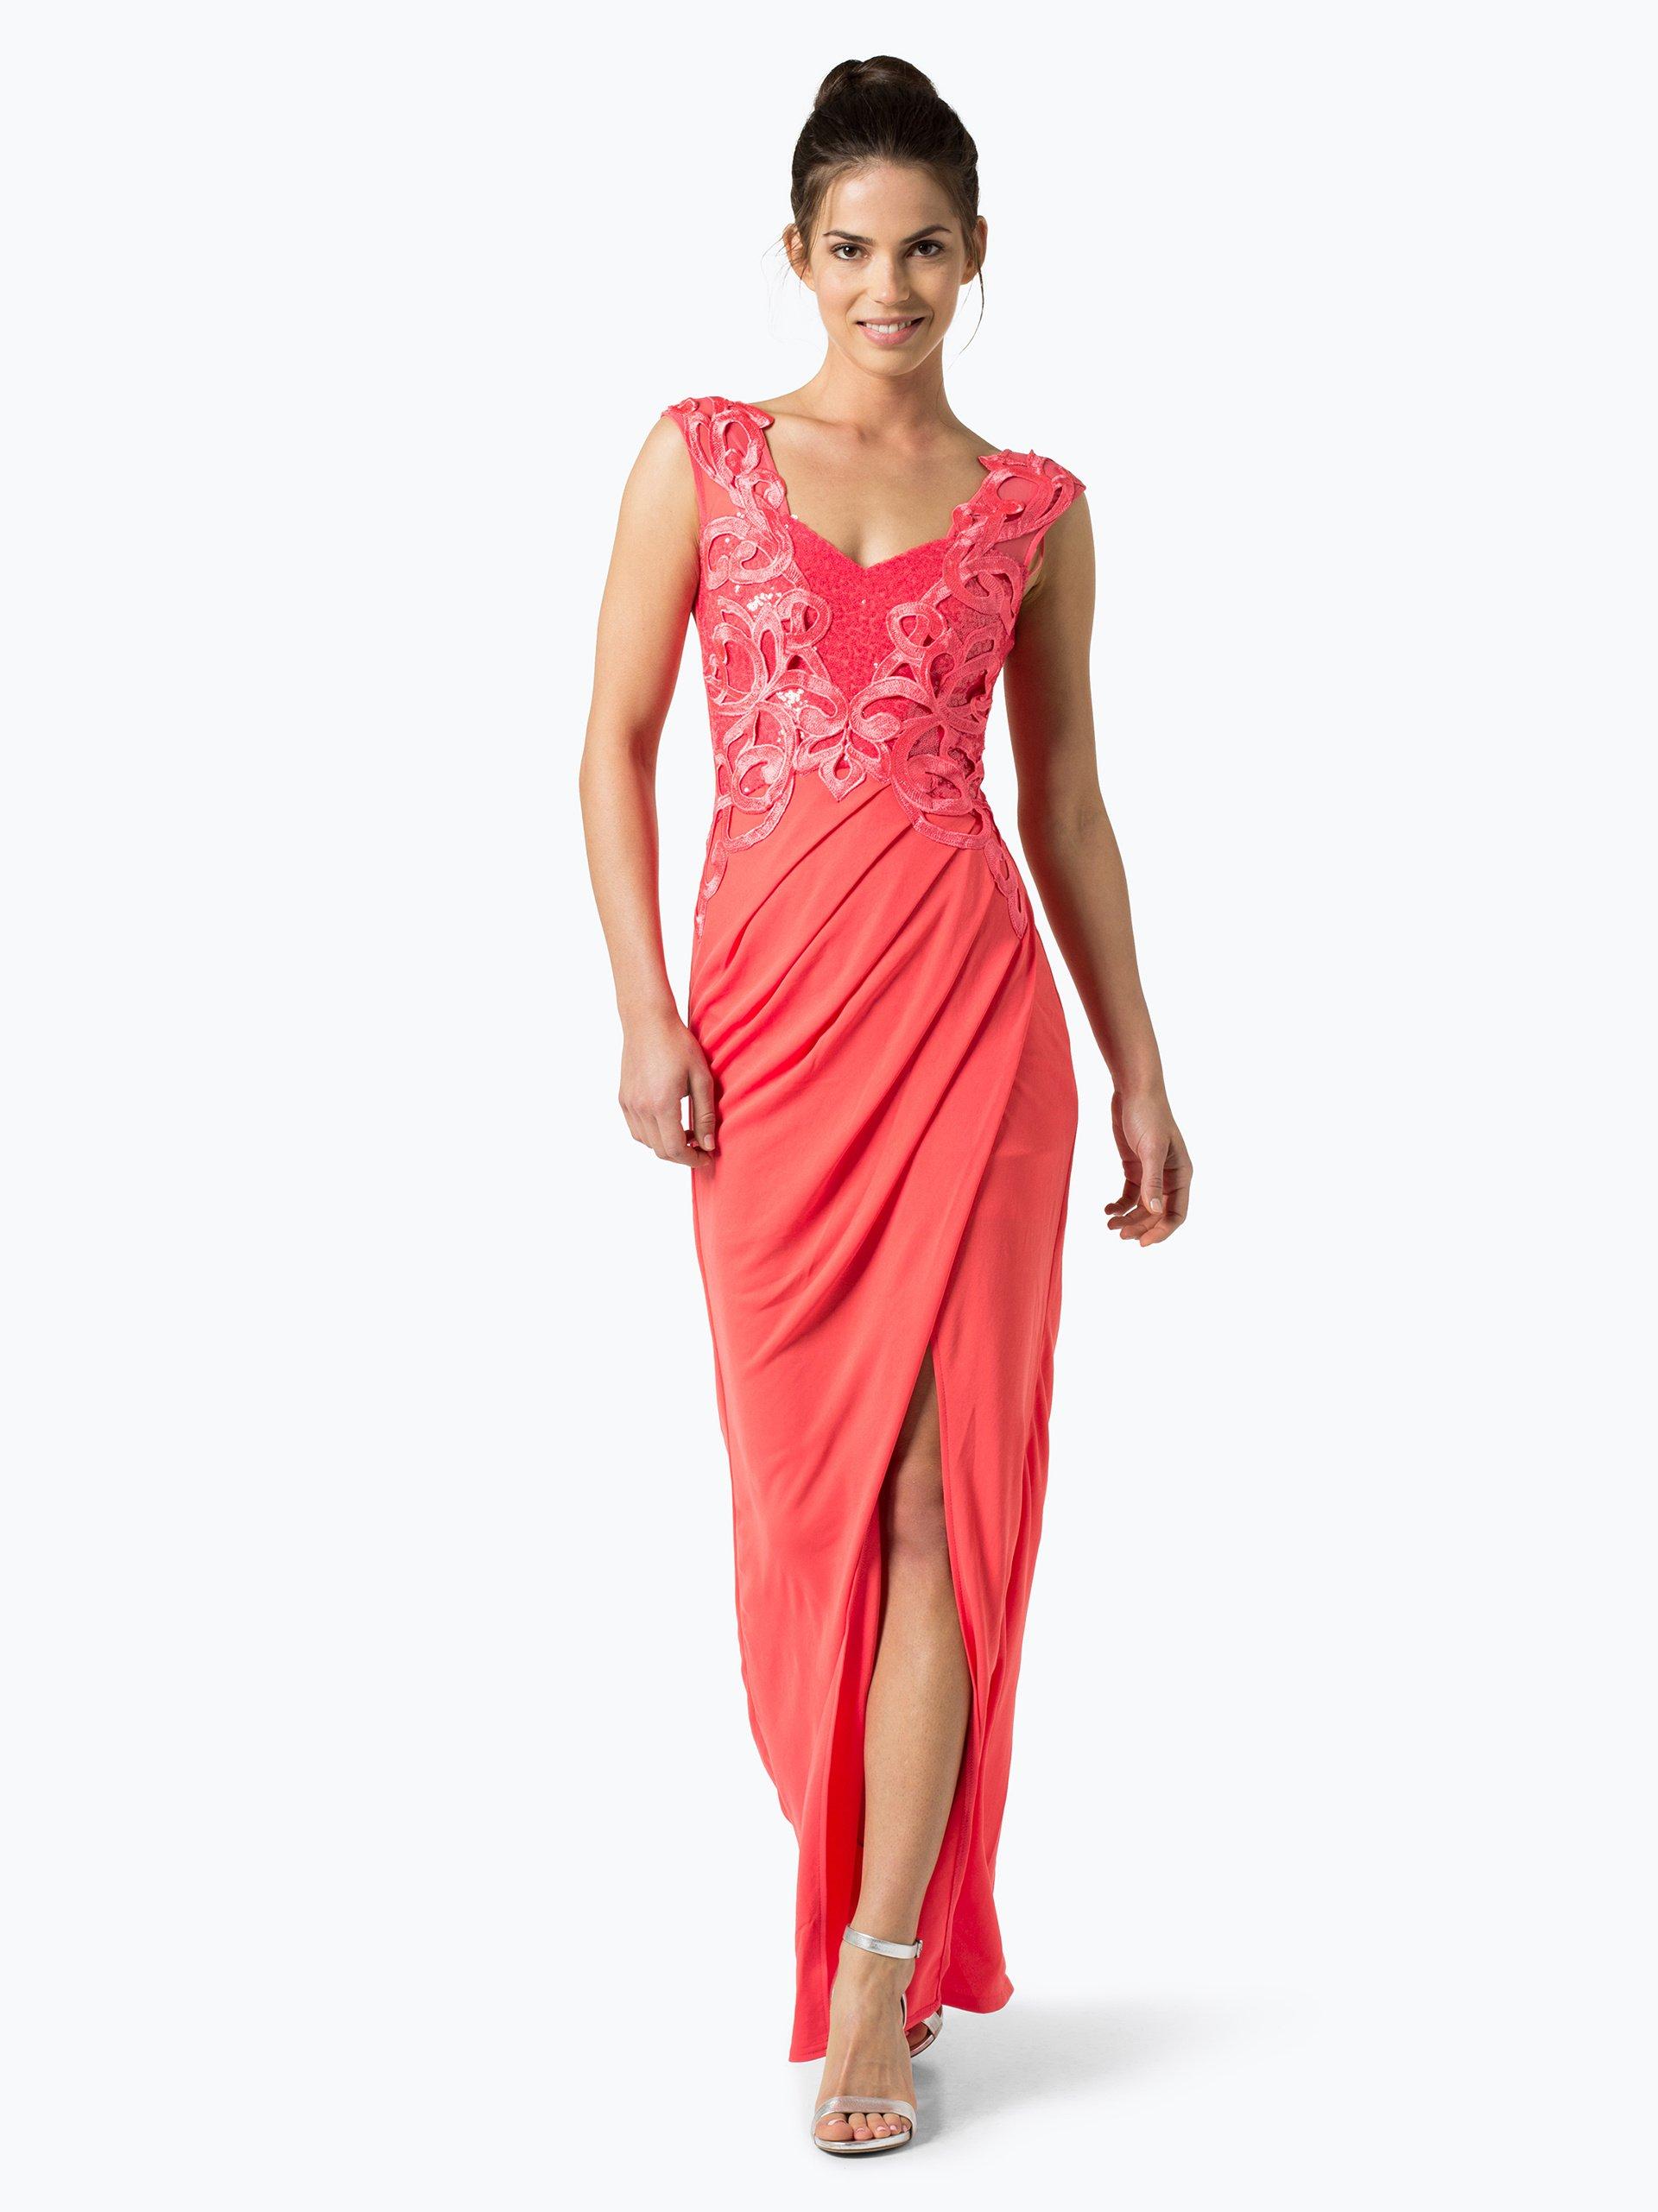 Groß Abendkleider In Koralle Fotos - Brautkleider Ideen - cashingy.info